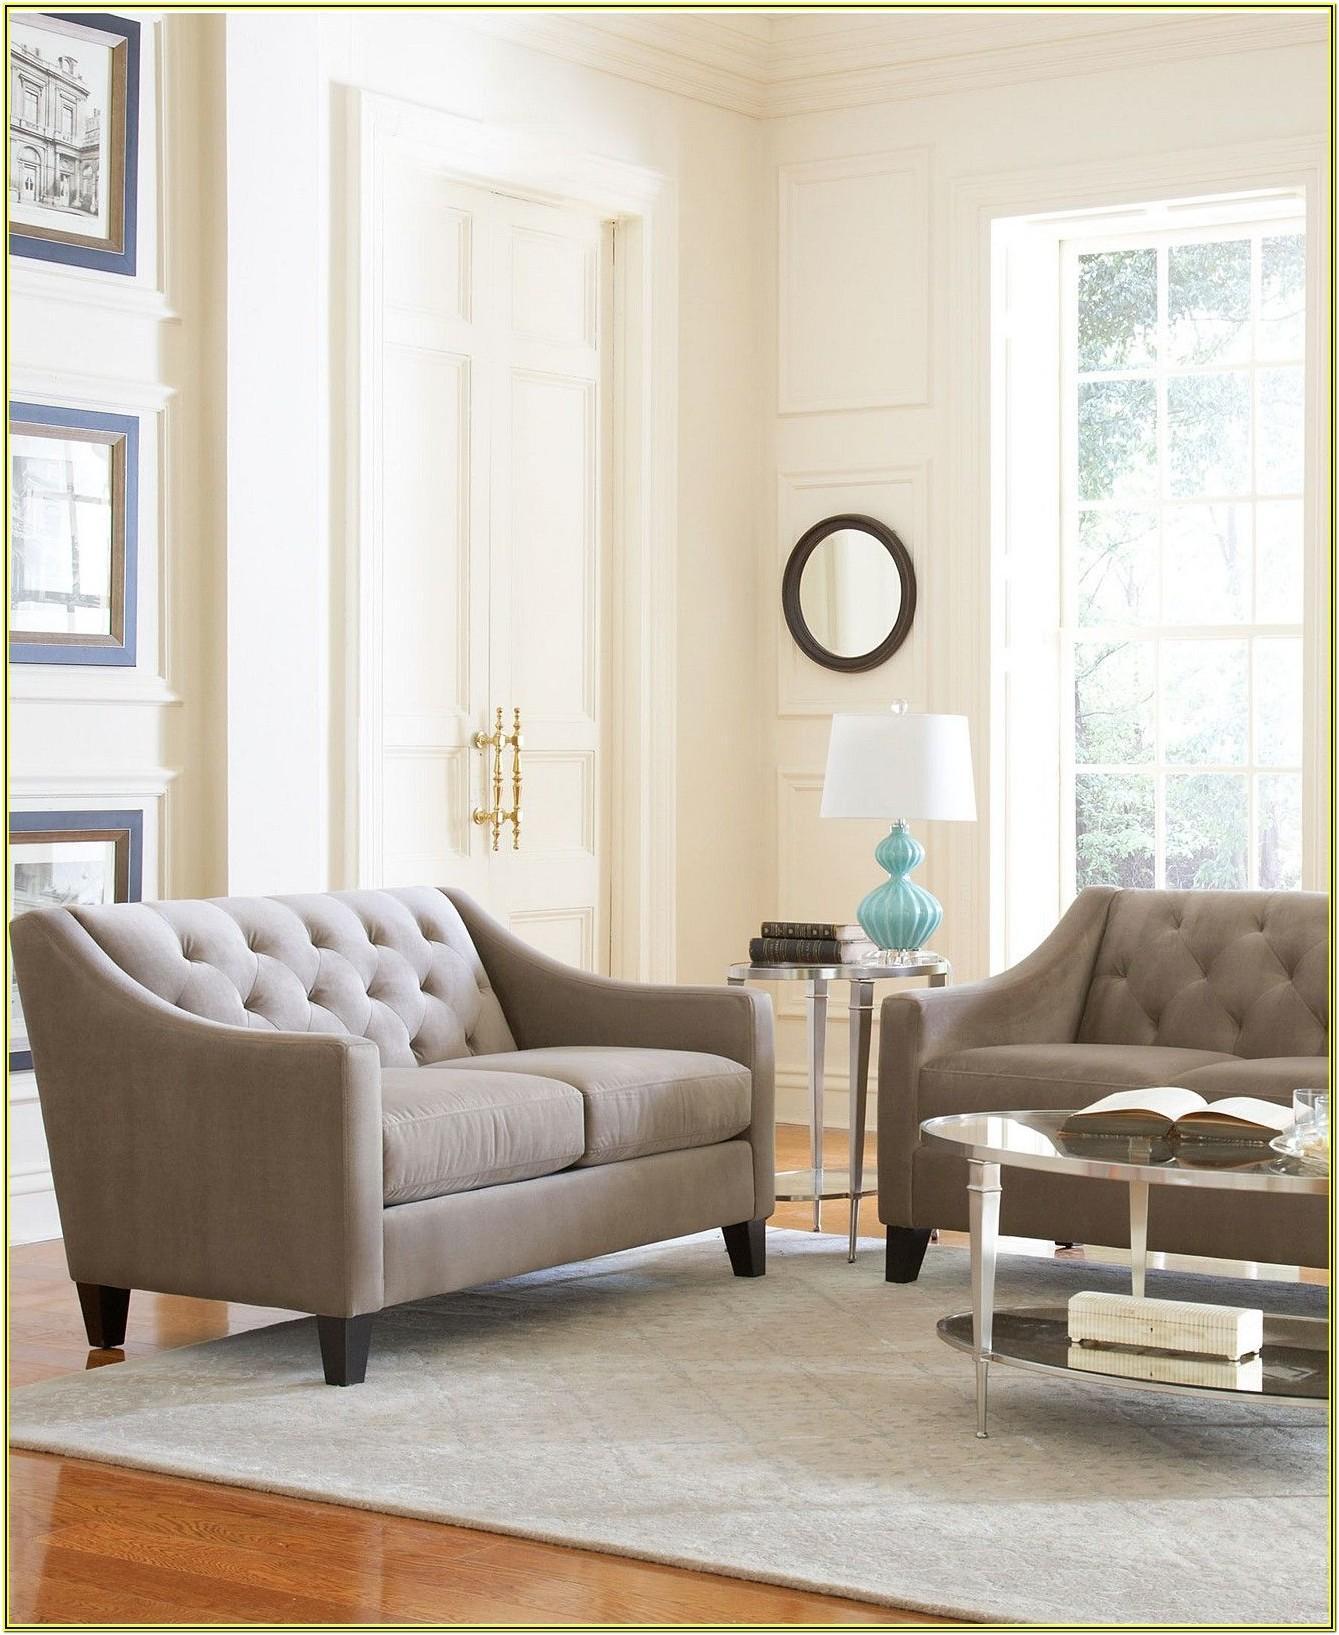 Macys Furniture Living Room Ideas